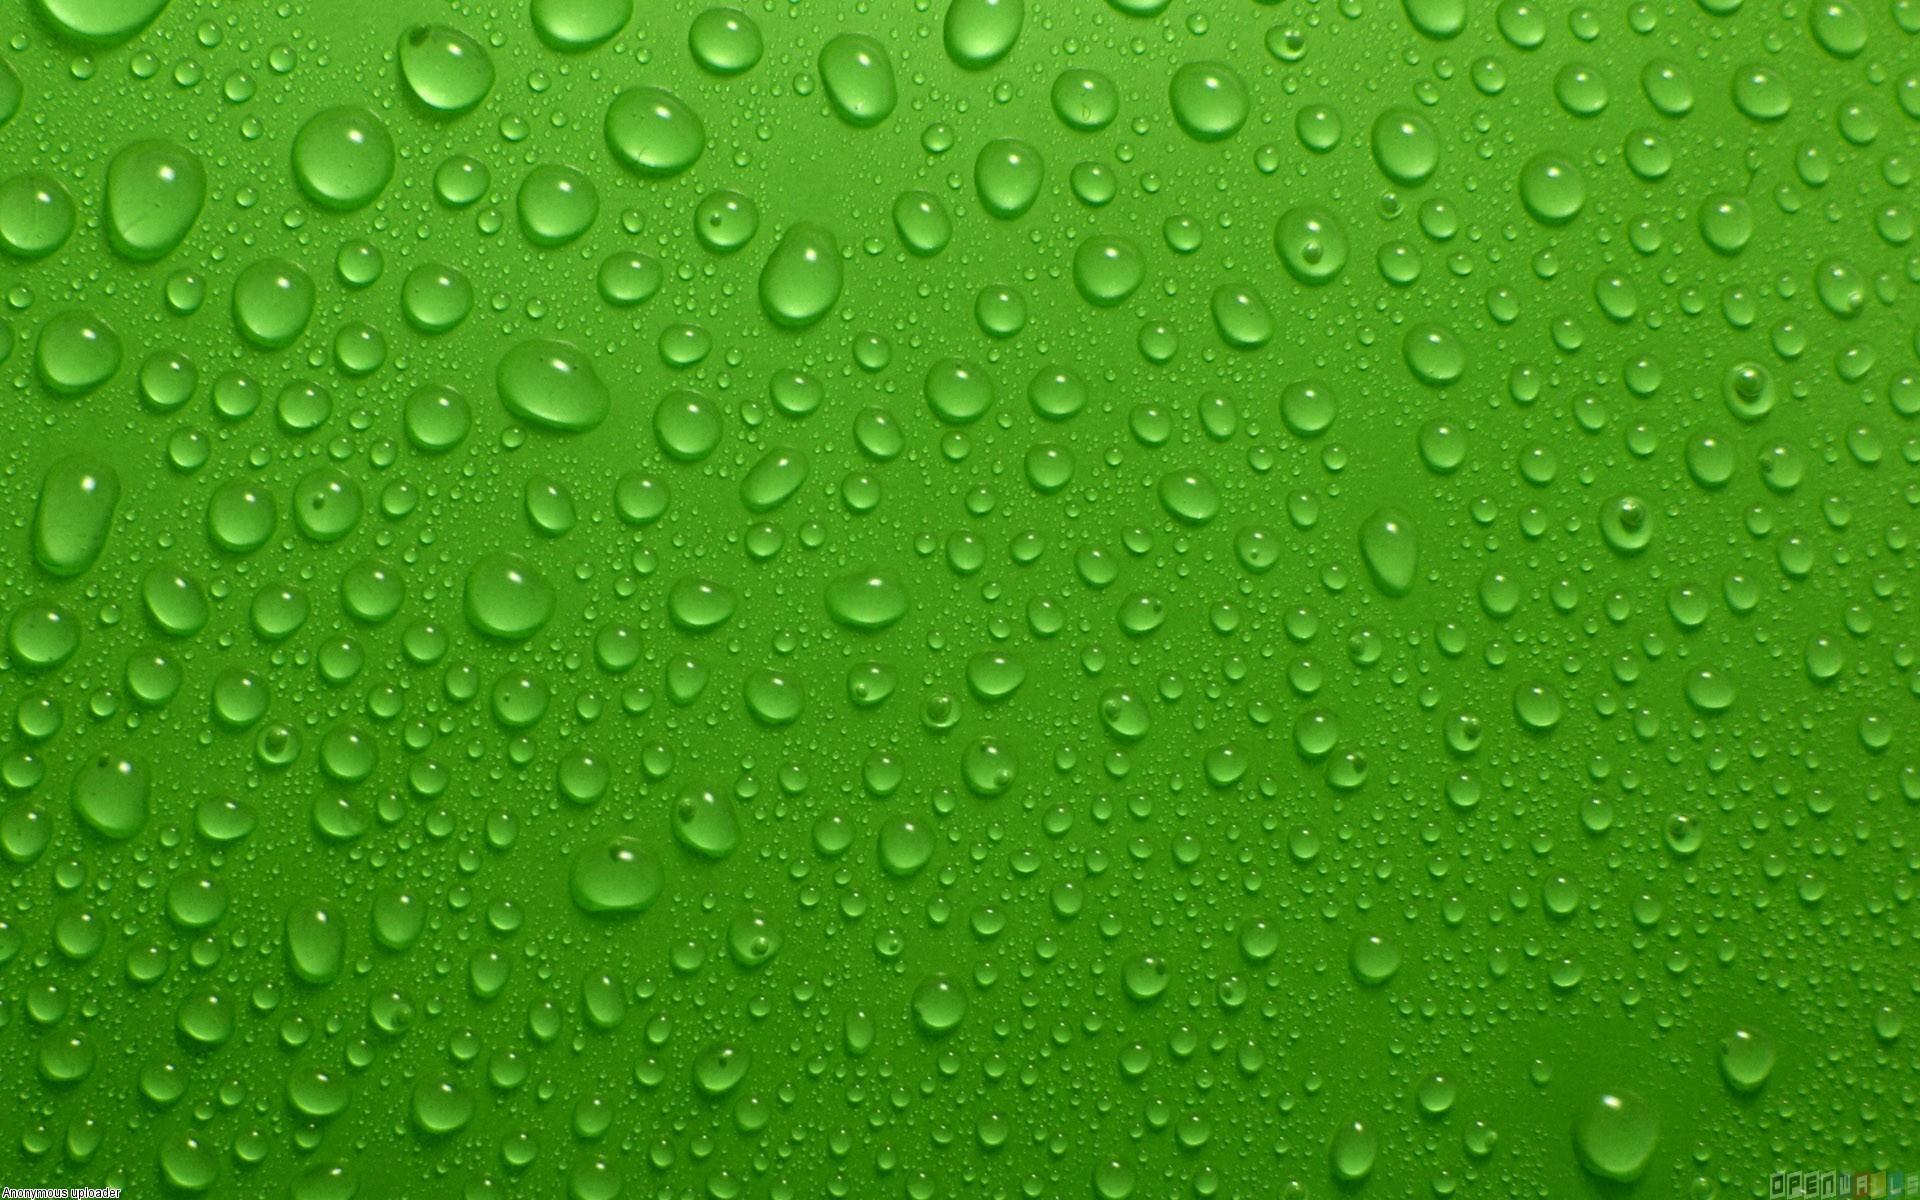 Green wall wet wallpaper 7555   Open Walls 1920x1200